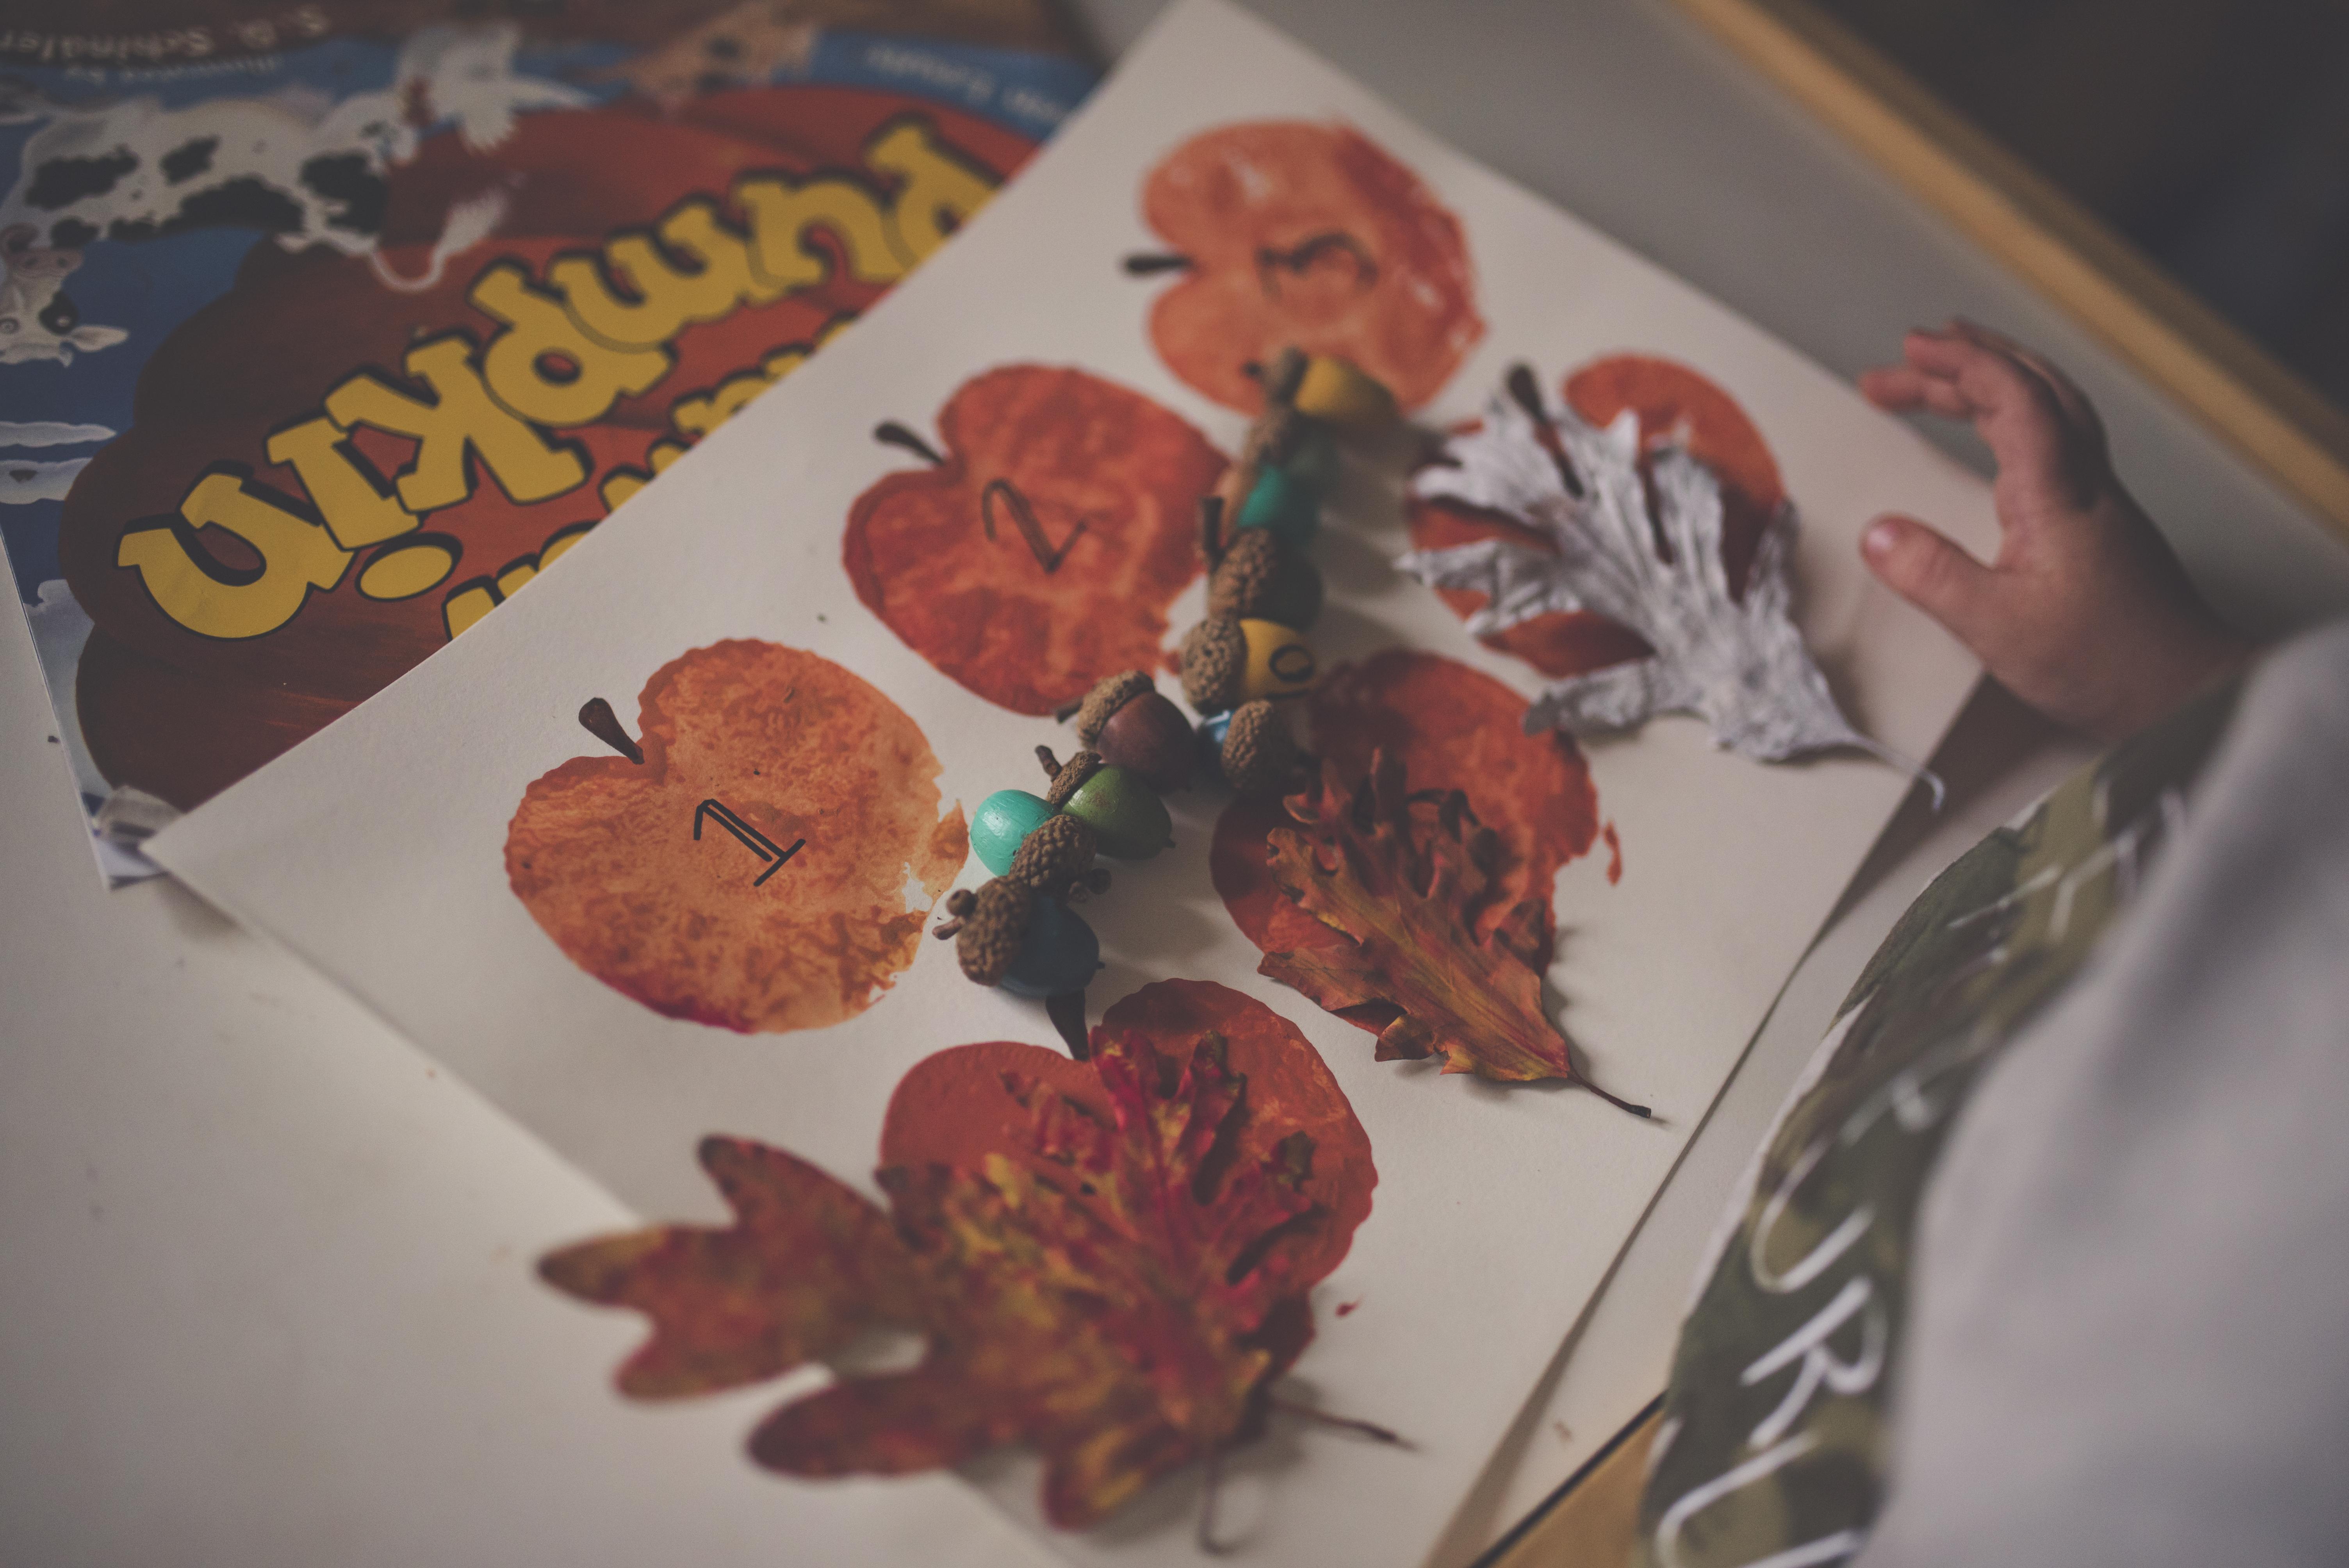 Kostenlose foto : Hand, Apfel, Person, Blume, Kind, Dekoration, rot ...